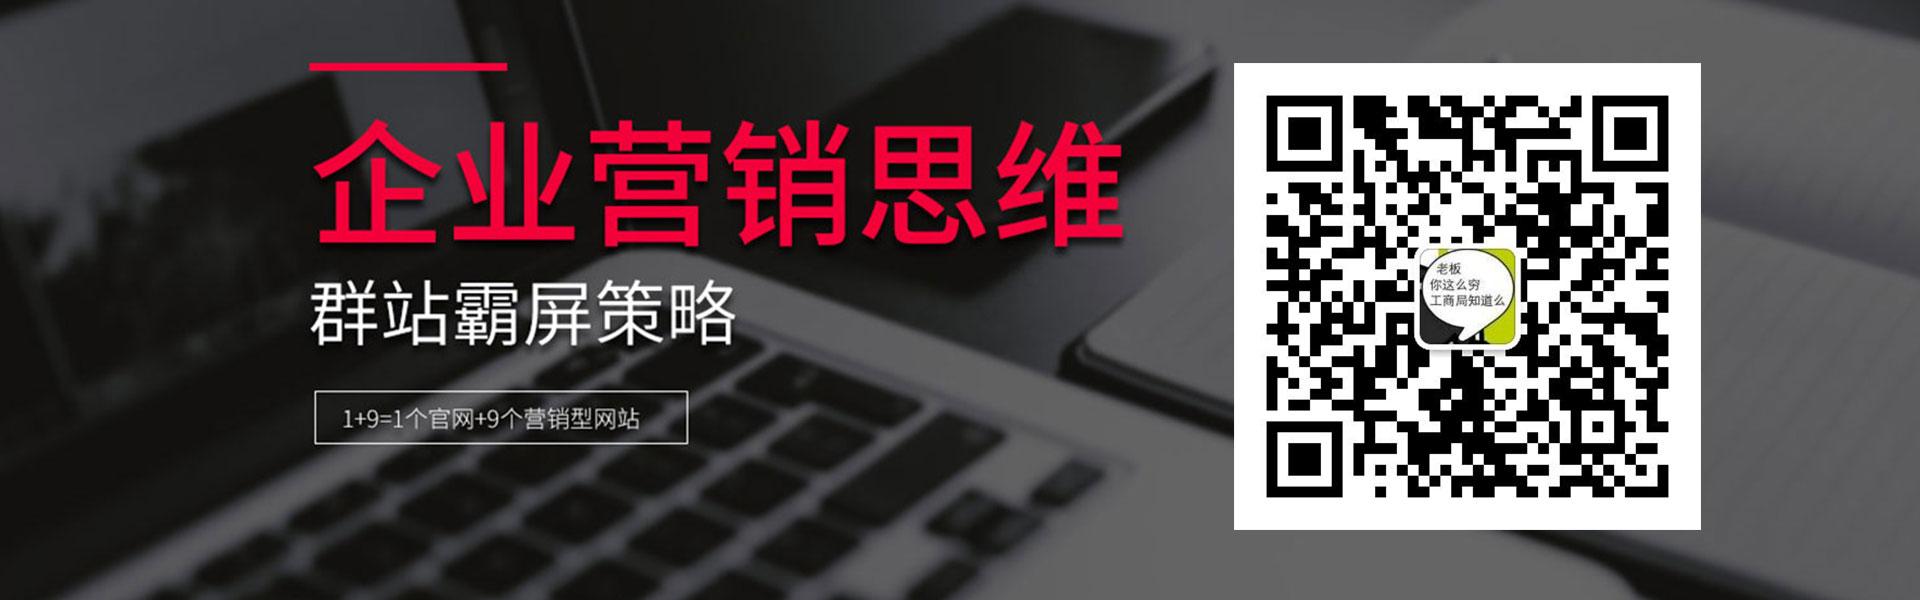 桂林营销型网站建设推广